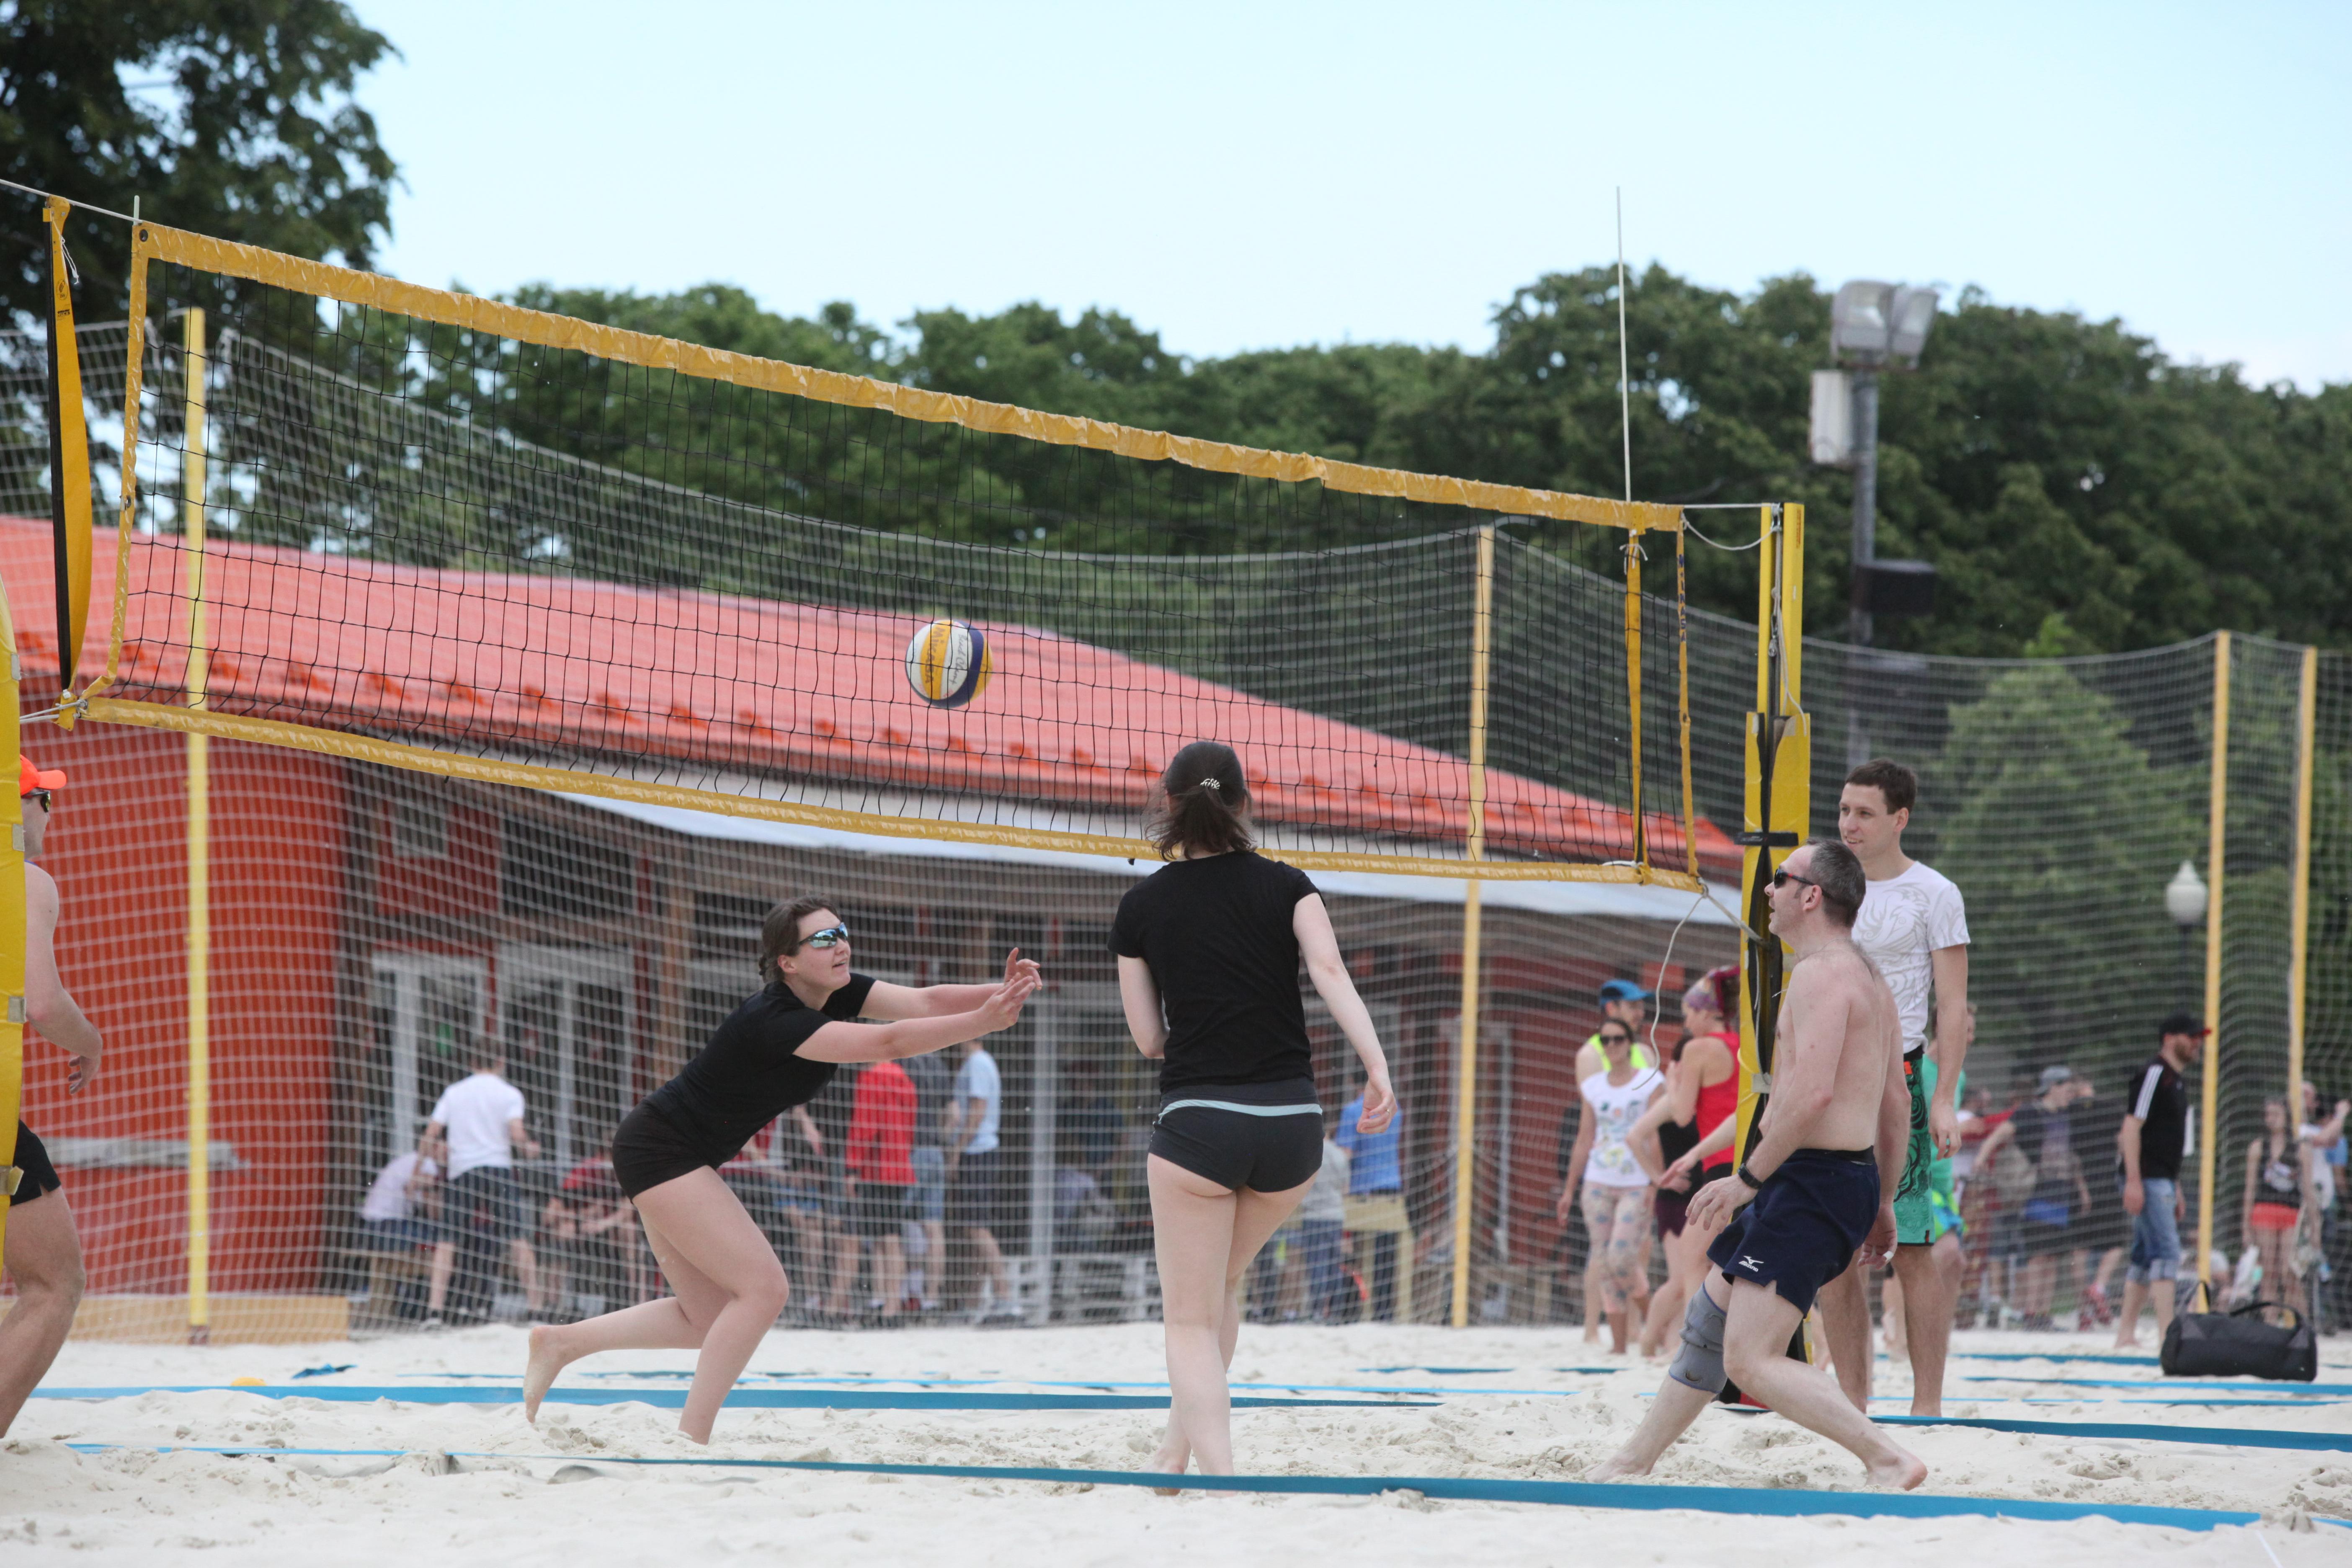 Пляжный волейбол в московском парке